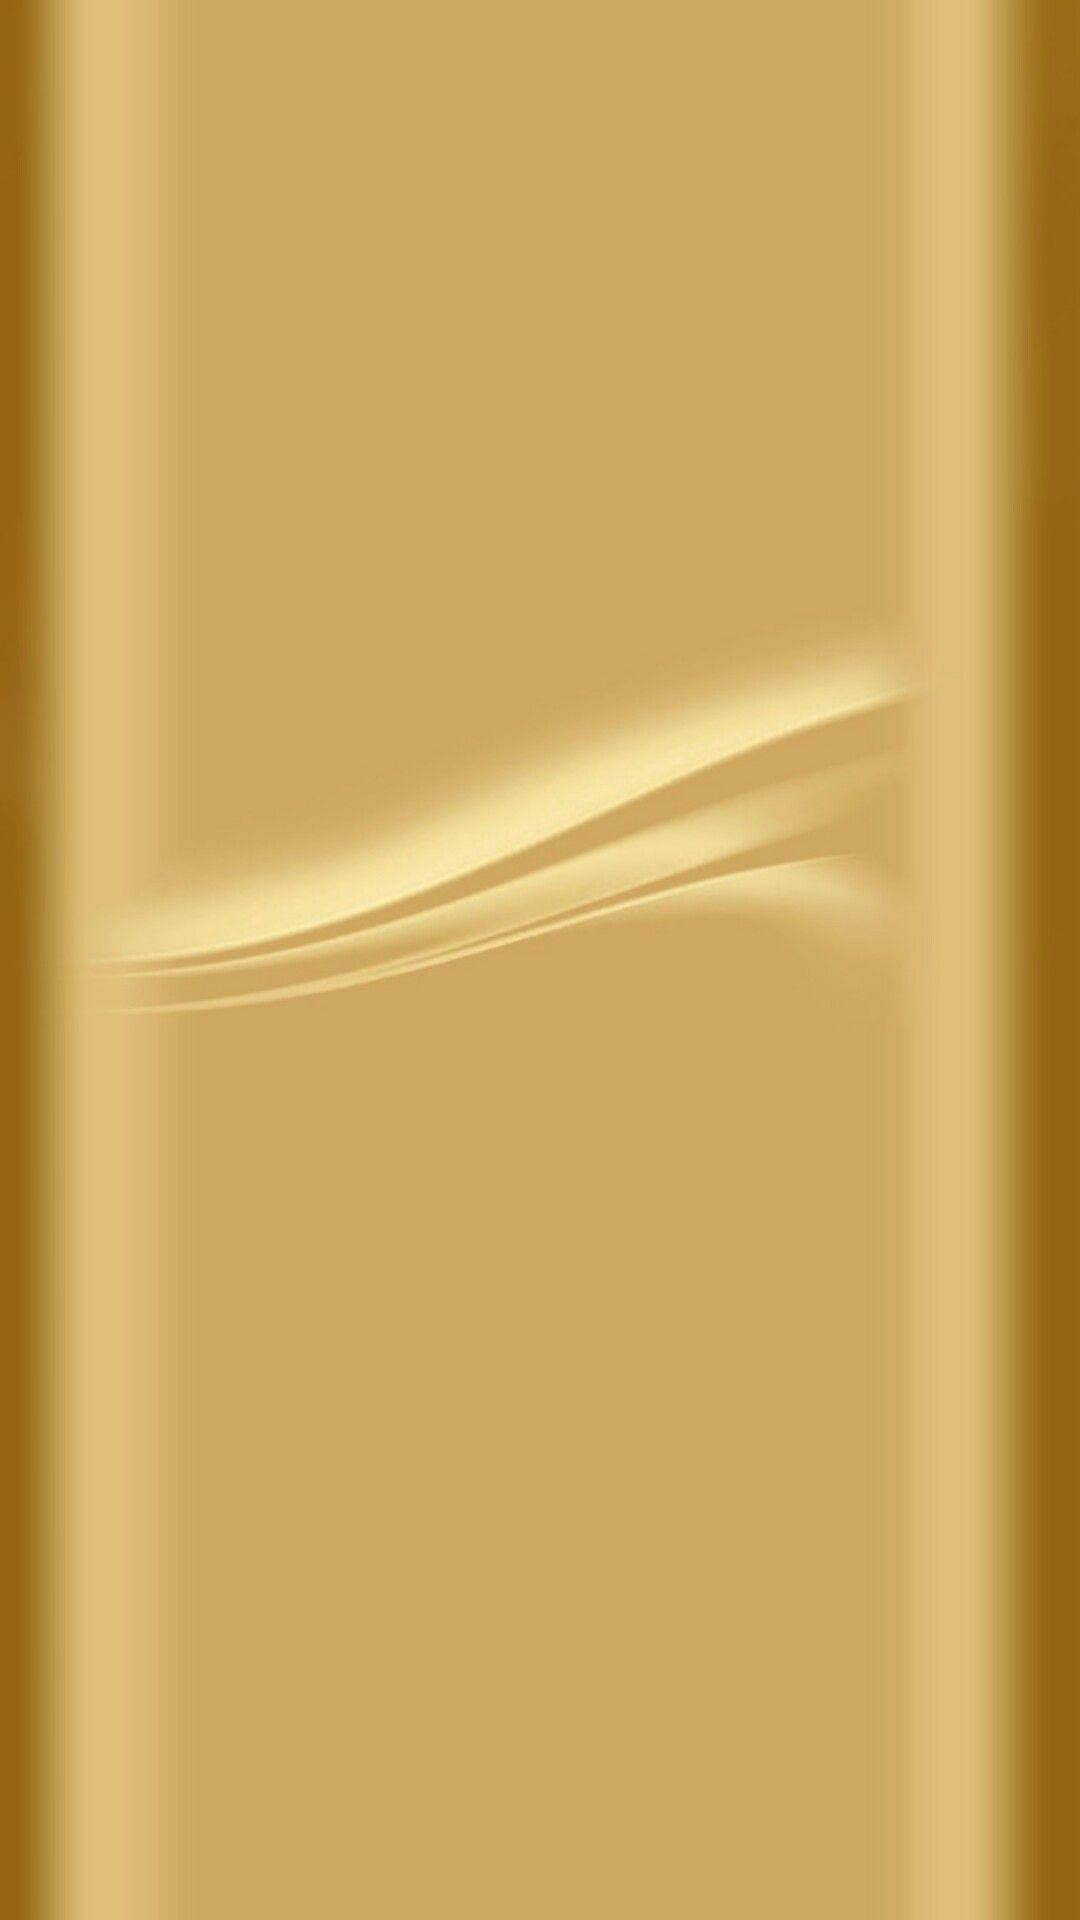 1 150511232229 Jpg 1080 1920 Gold Wallpaper Gold Wallpaper Phone Samsung Wallpaper